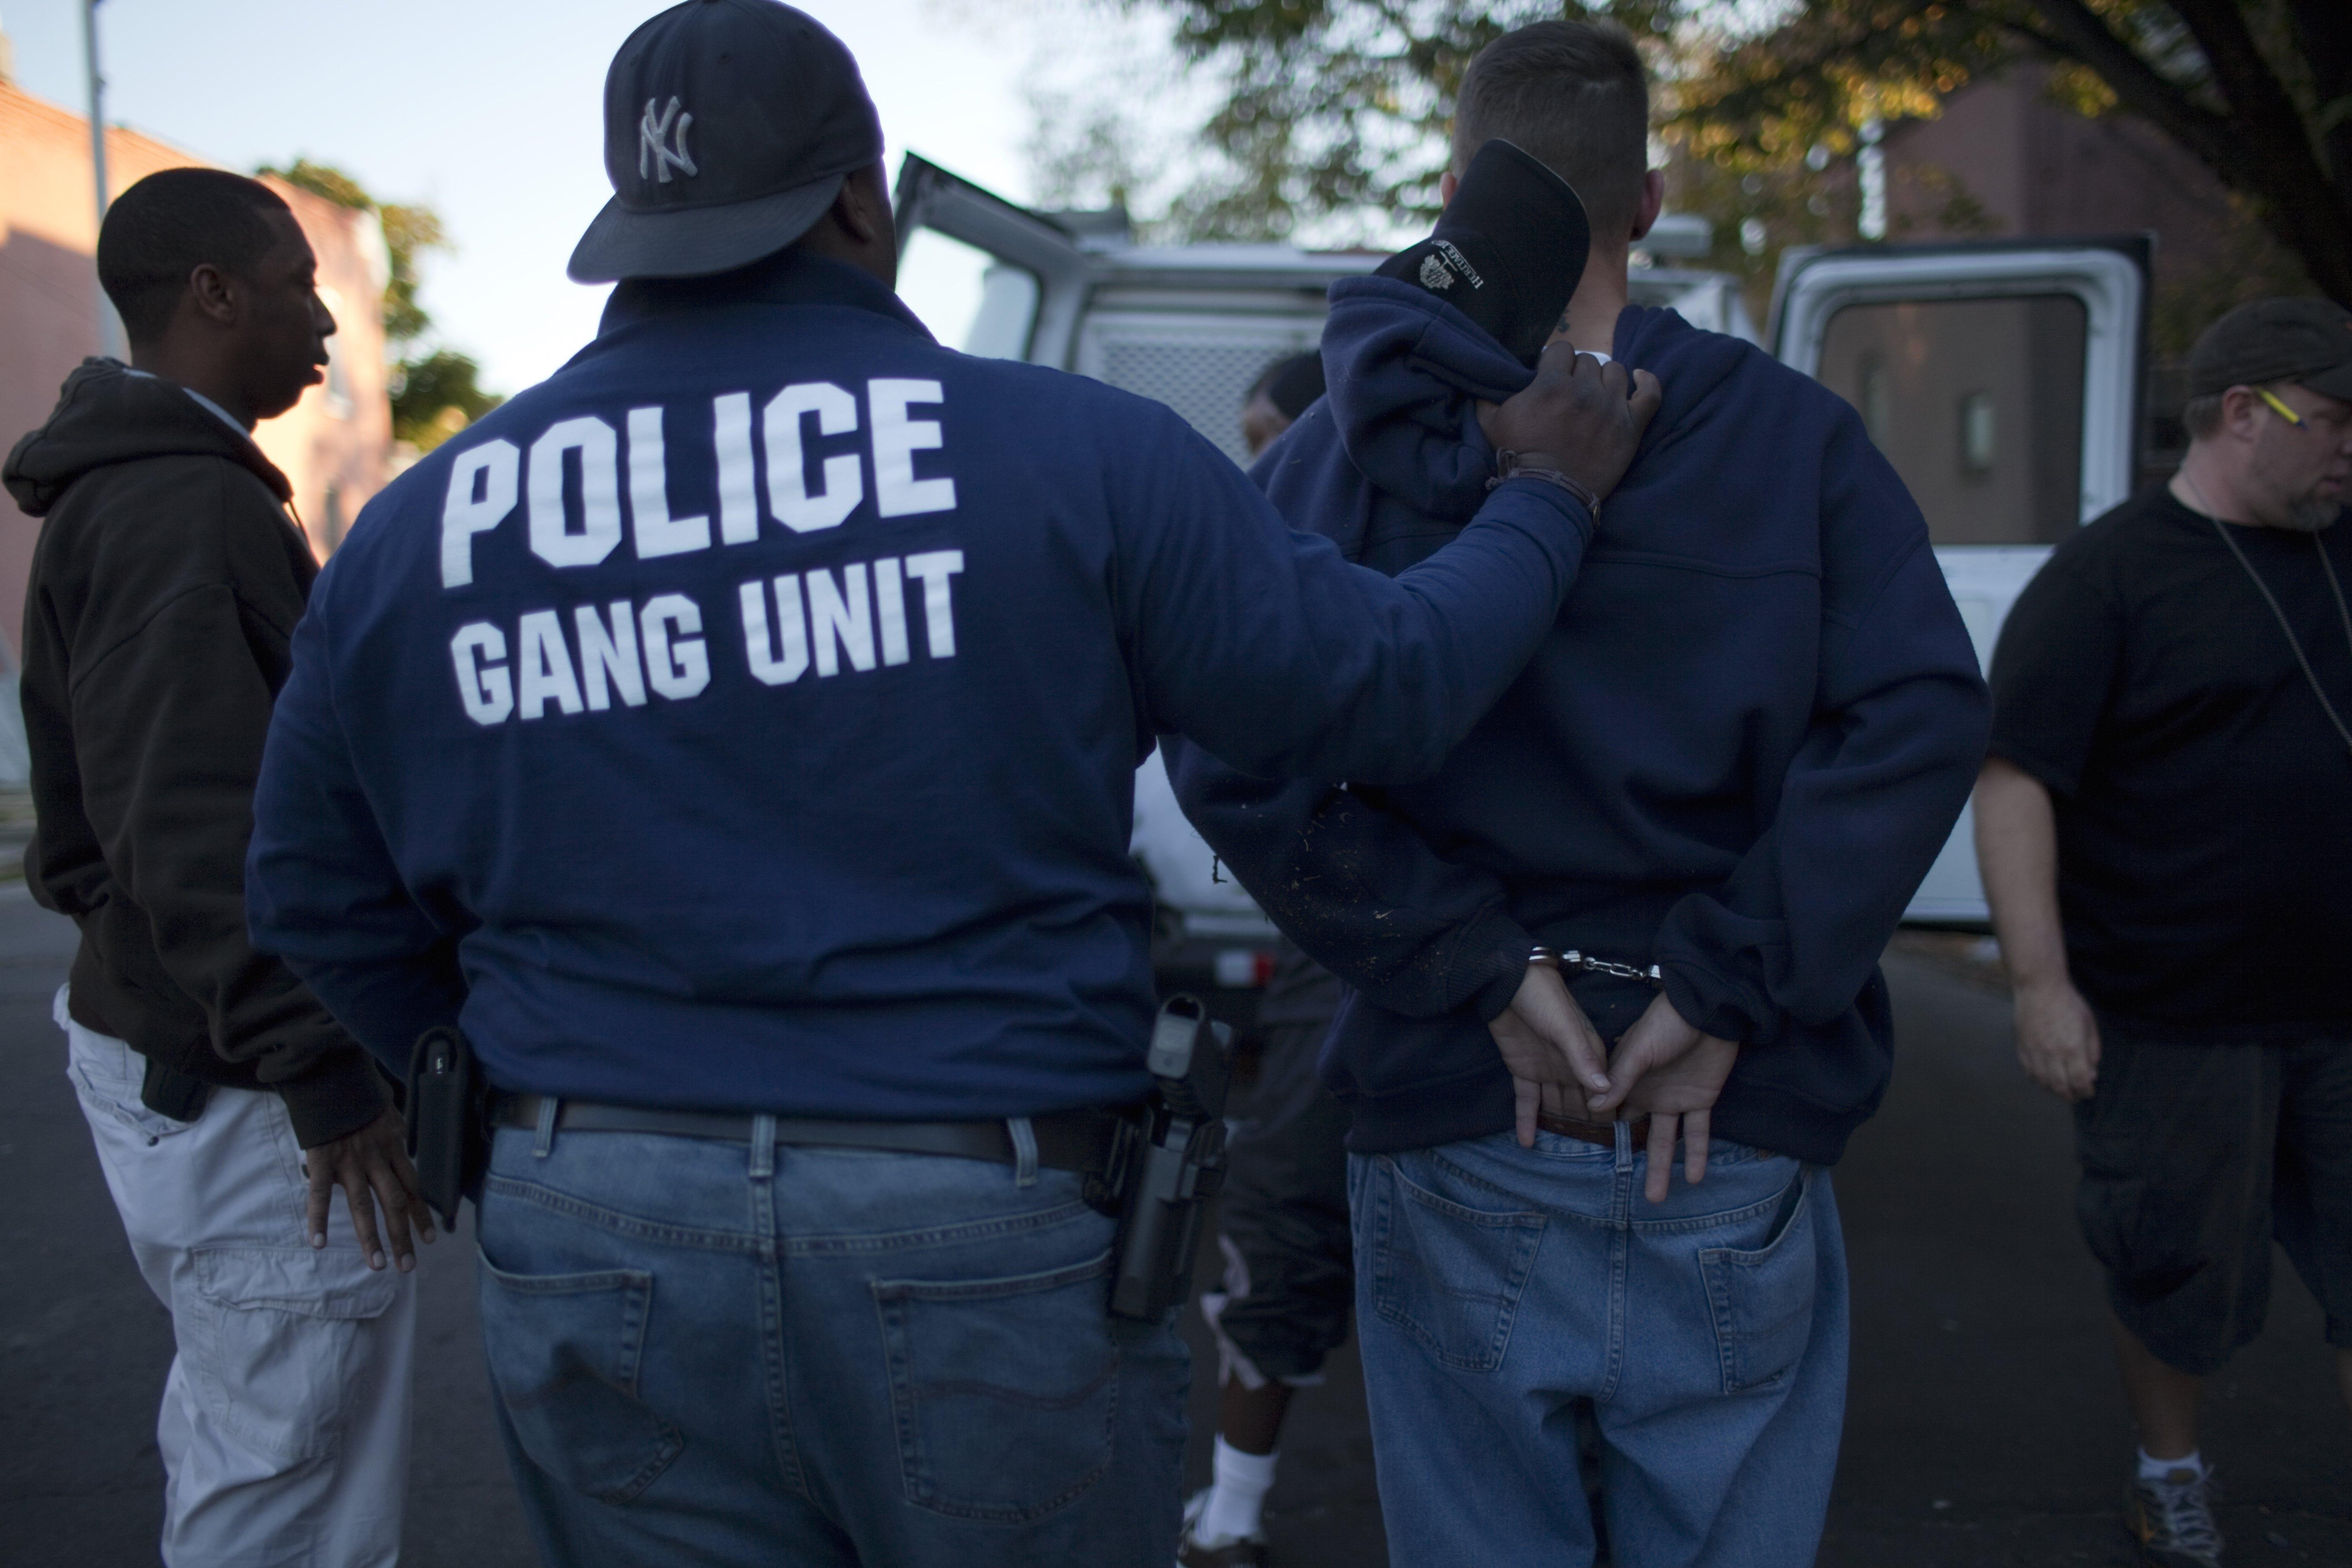 Baltimore police arrest drug buyer